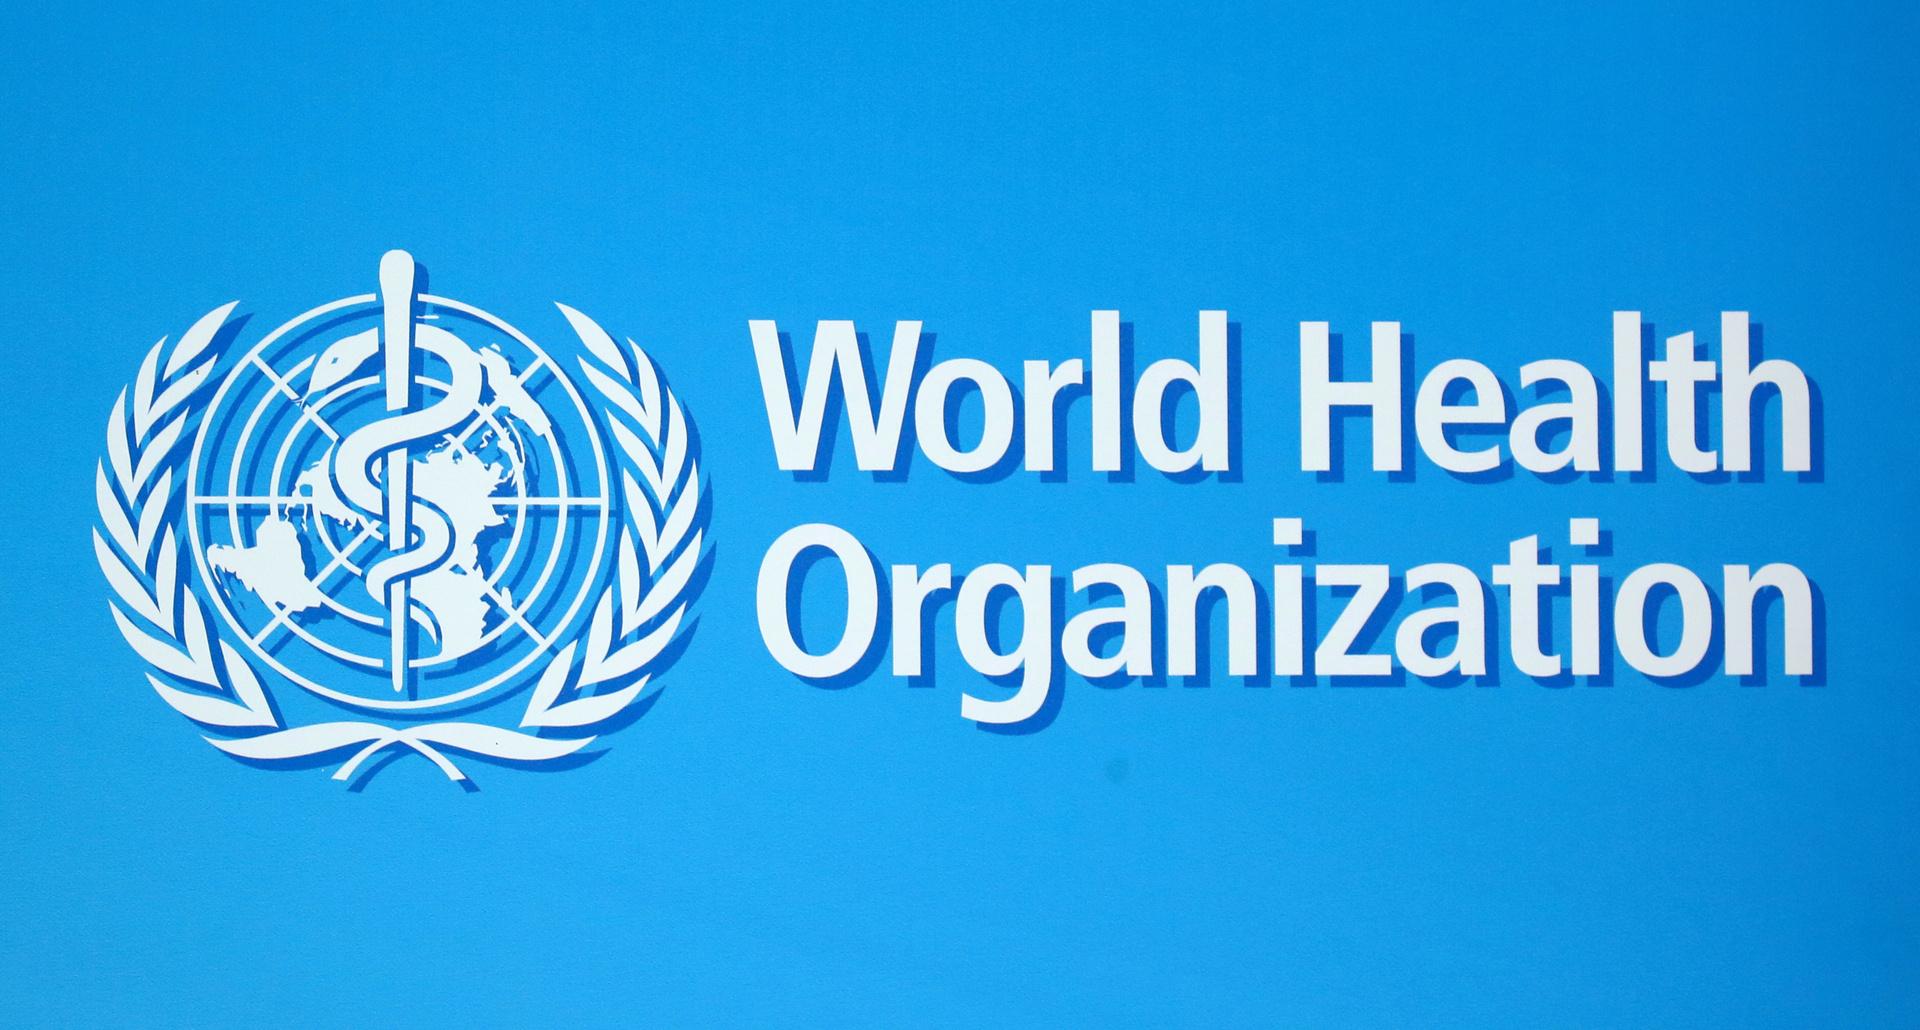 منظمة الصحة العالمية تتوقع موعد انتهاء جائحة كورونا